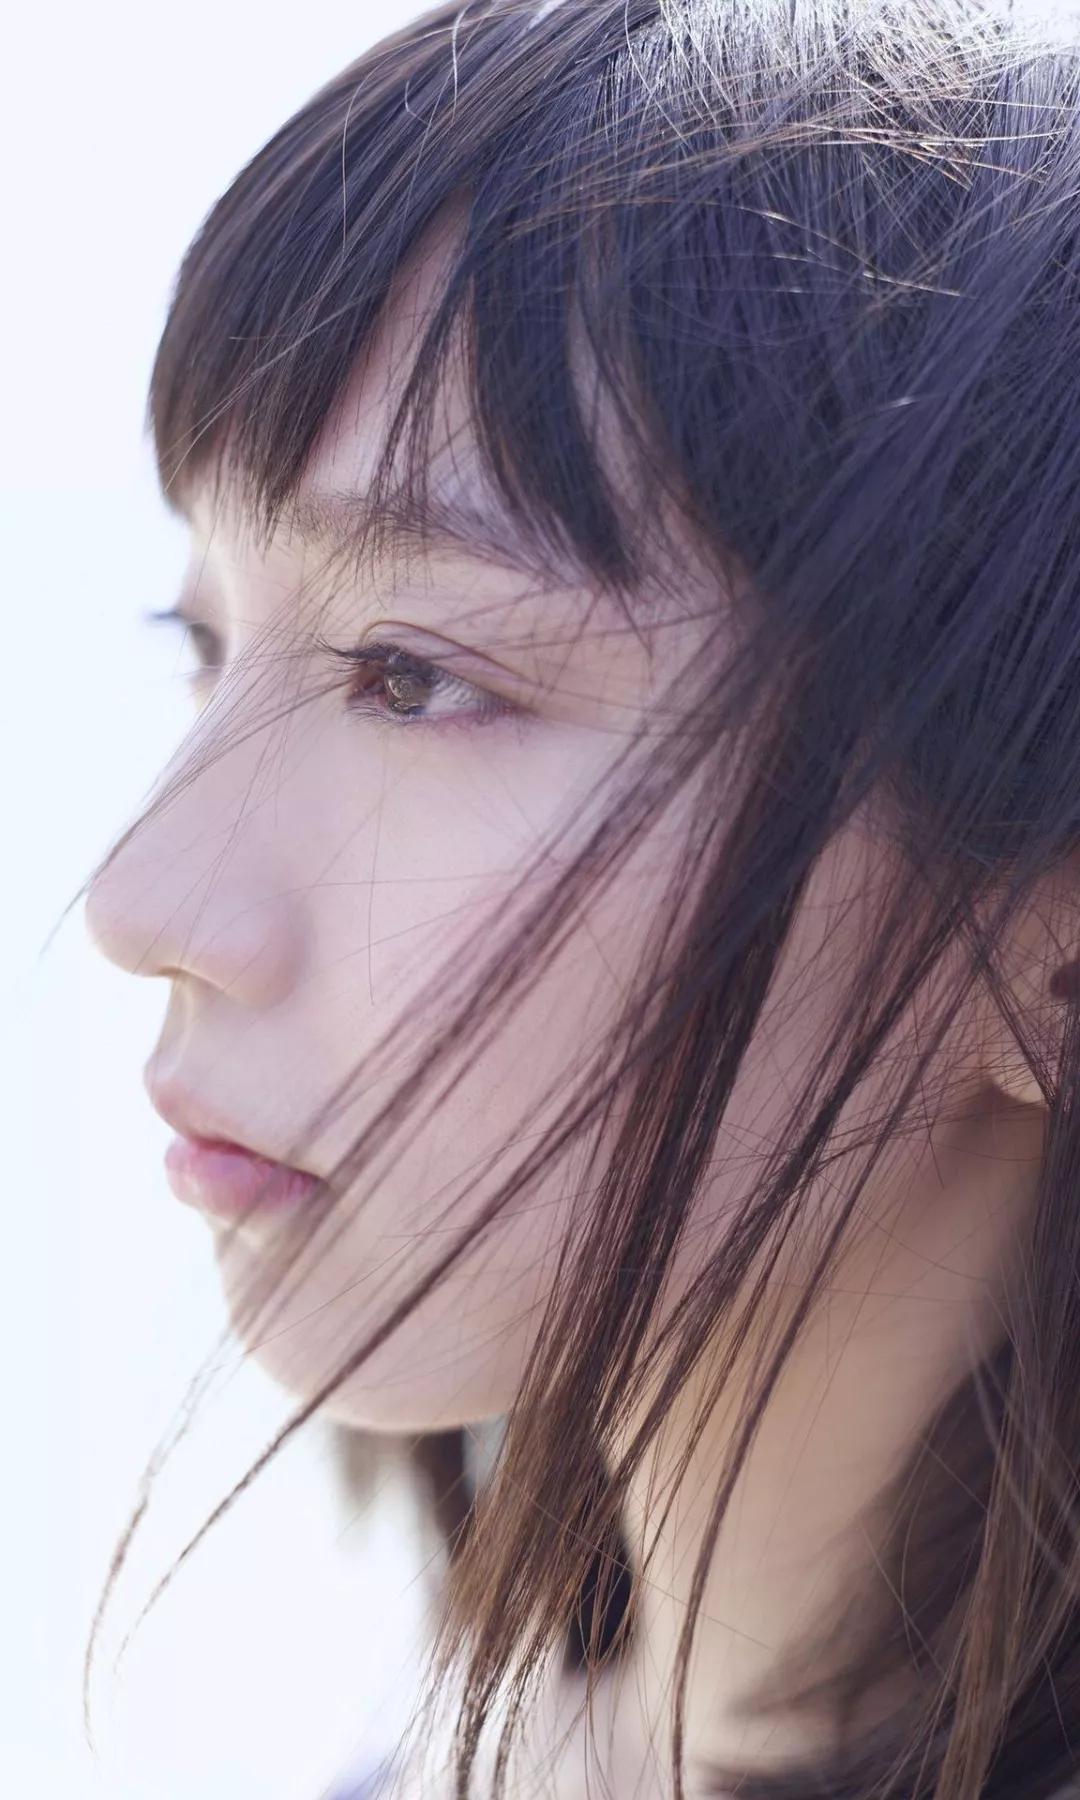 吉冈里帆 写真集Riho (36)